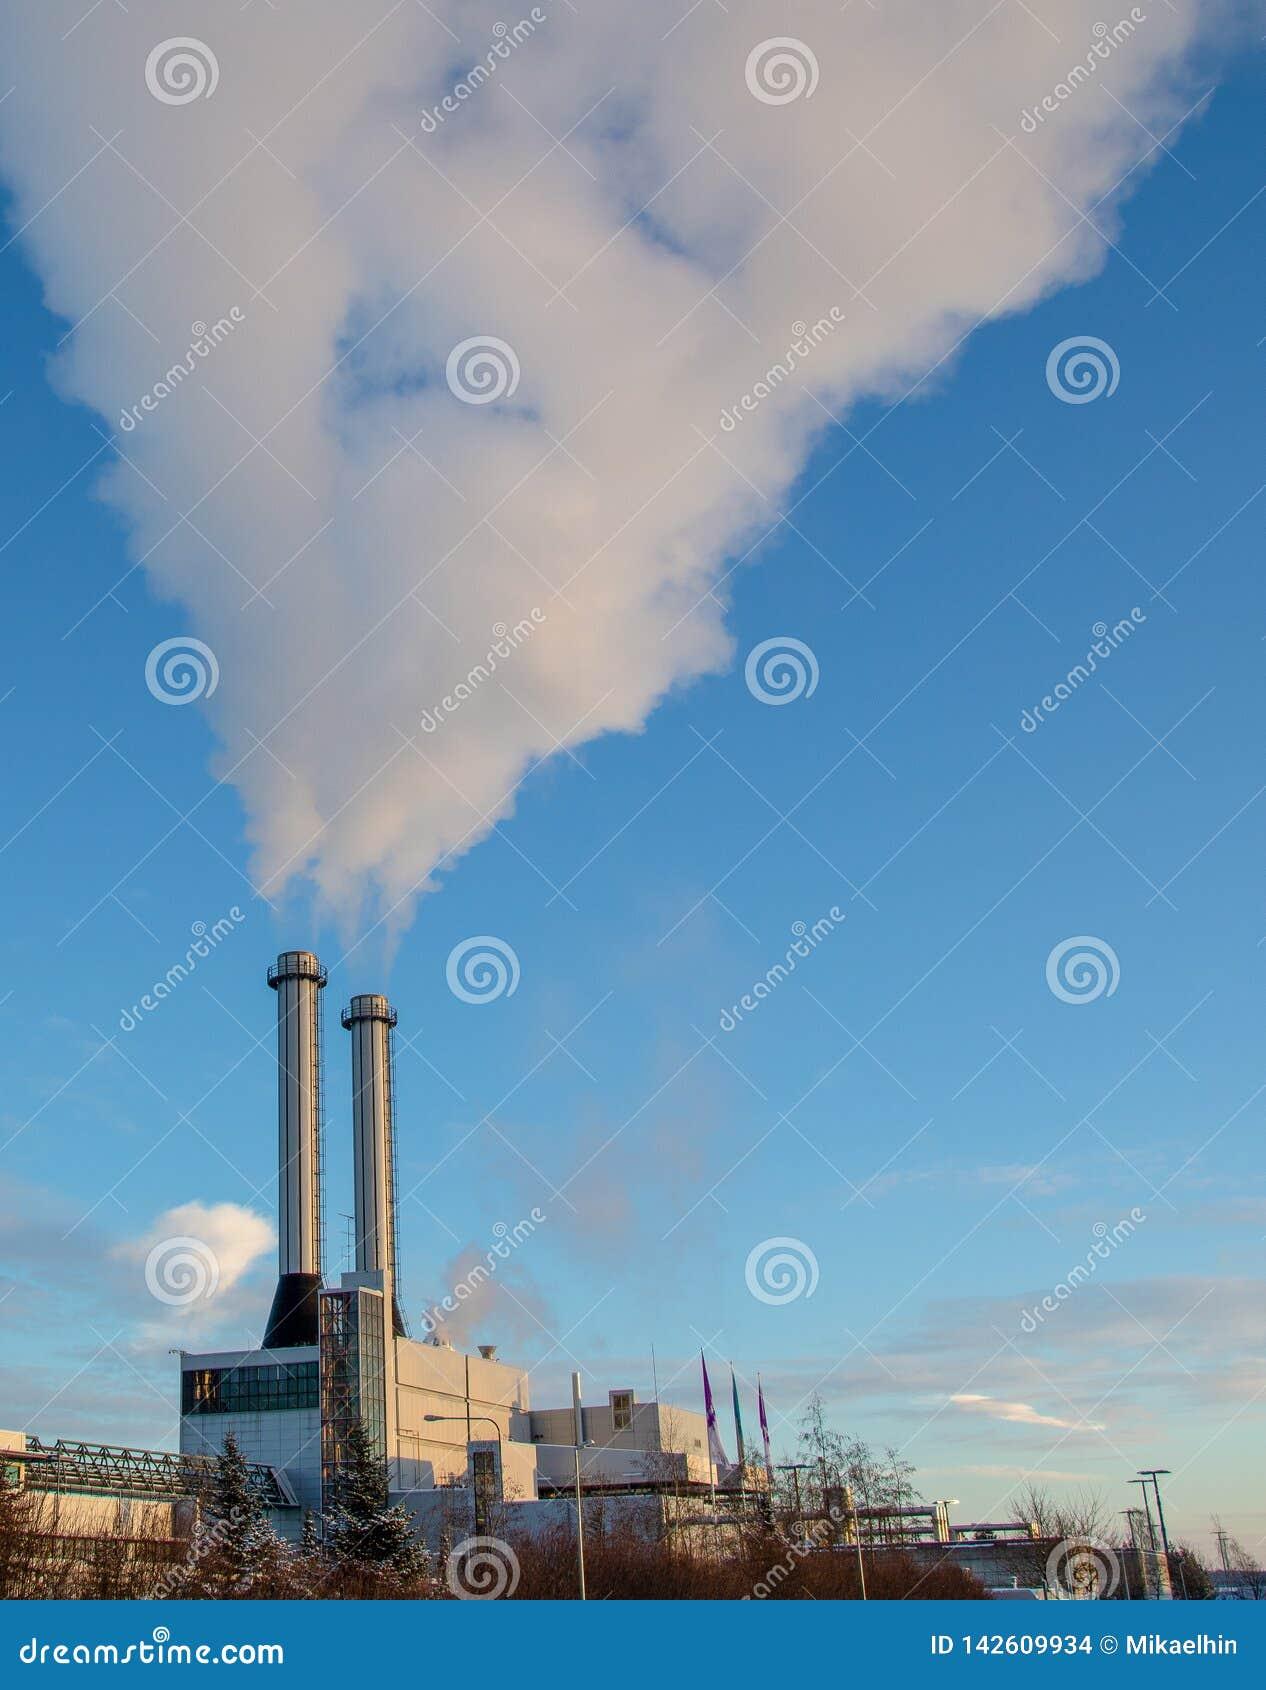 El humo que sale dos chimeneas es invierno